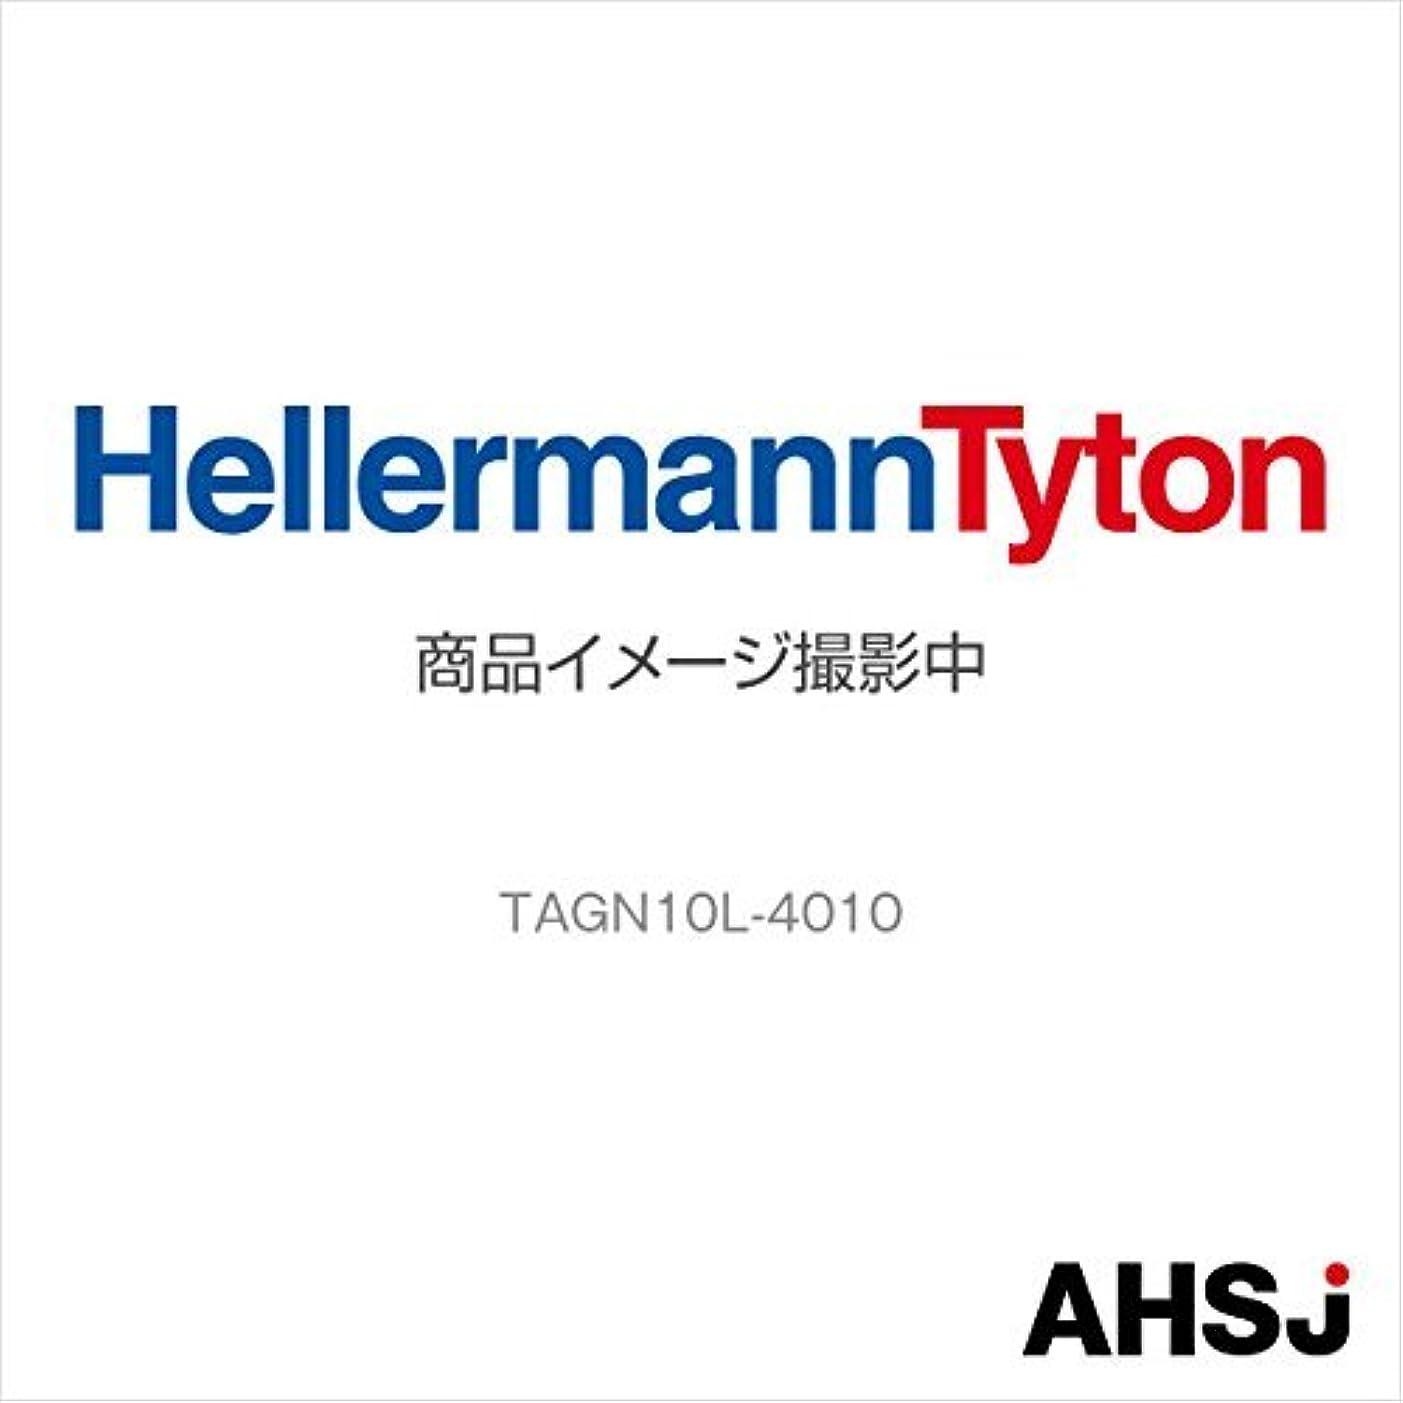 尊敬管理対角線ヘラマンタイトン タブタグラベル レーザープリンター用ラベル TAGN10L-4010 (1008枚入)